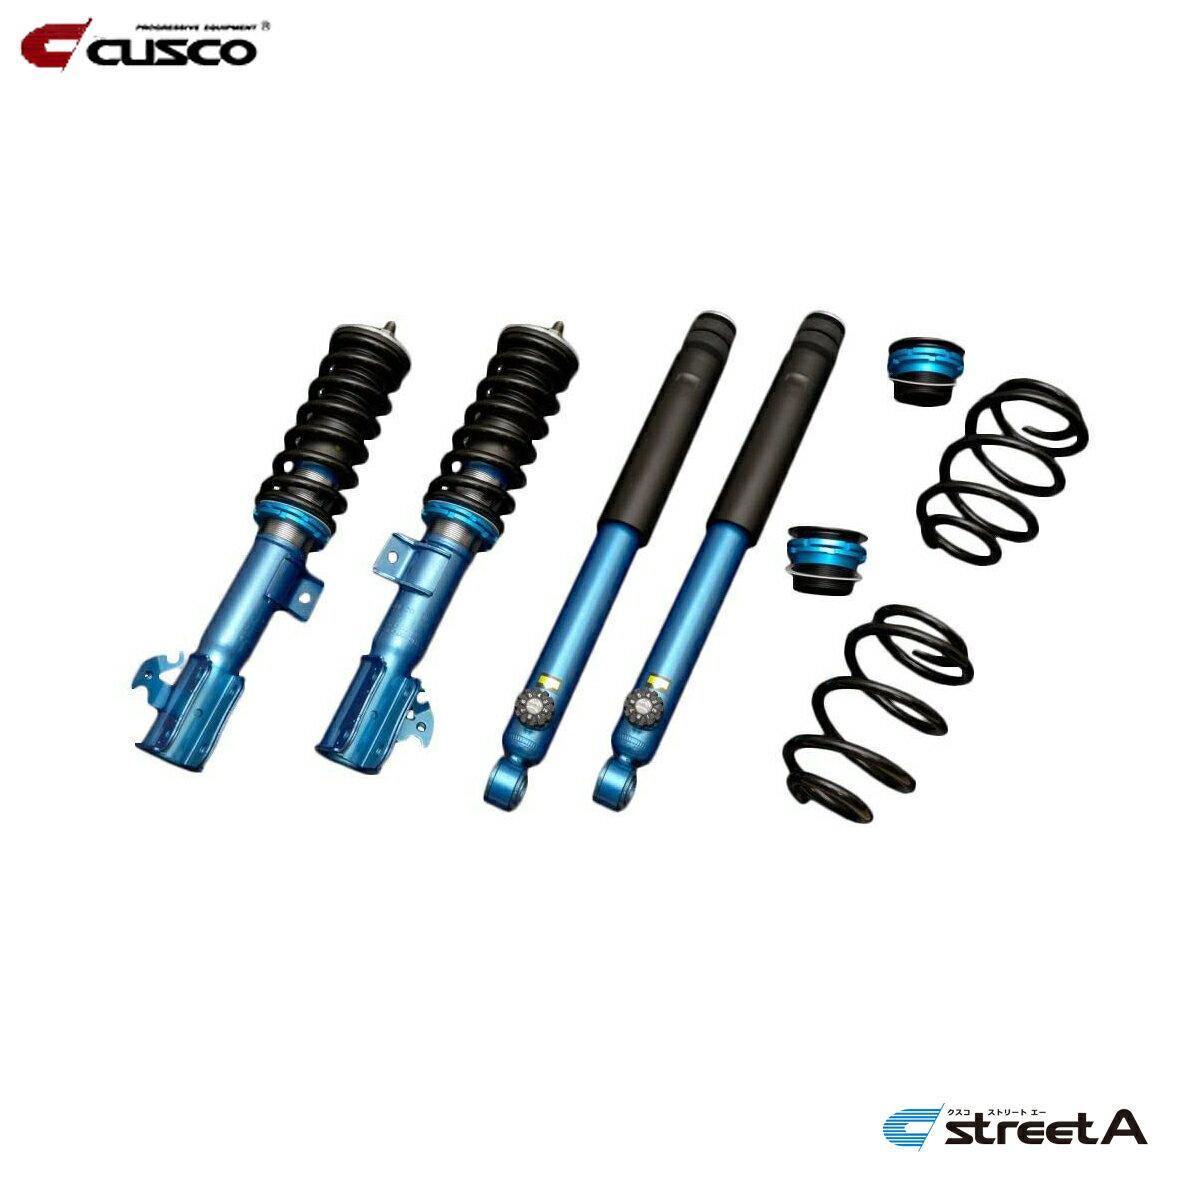 CUSCO クスコ エスティマ ACR MCR40W 車高調 全長固定式 813-62J-CB